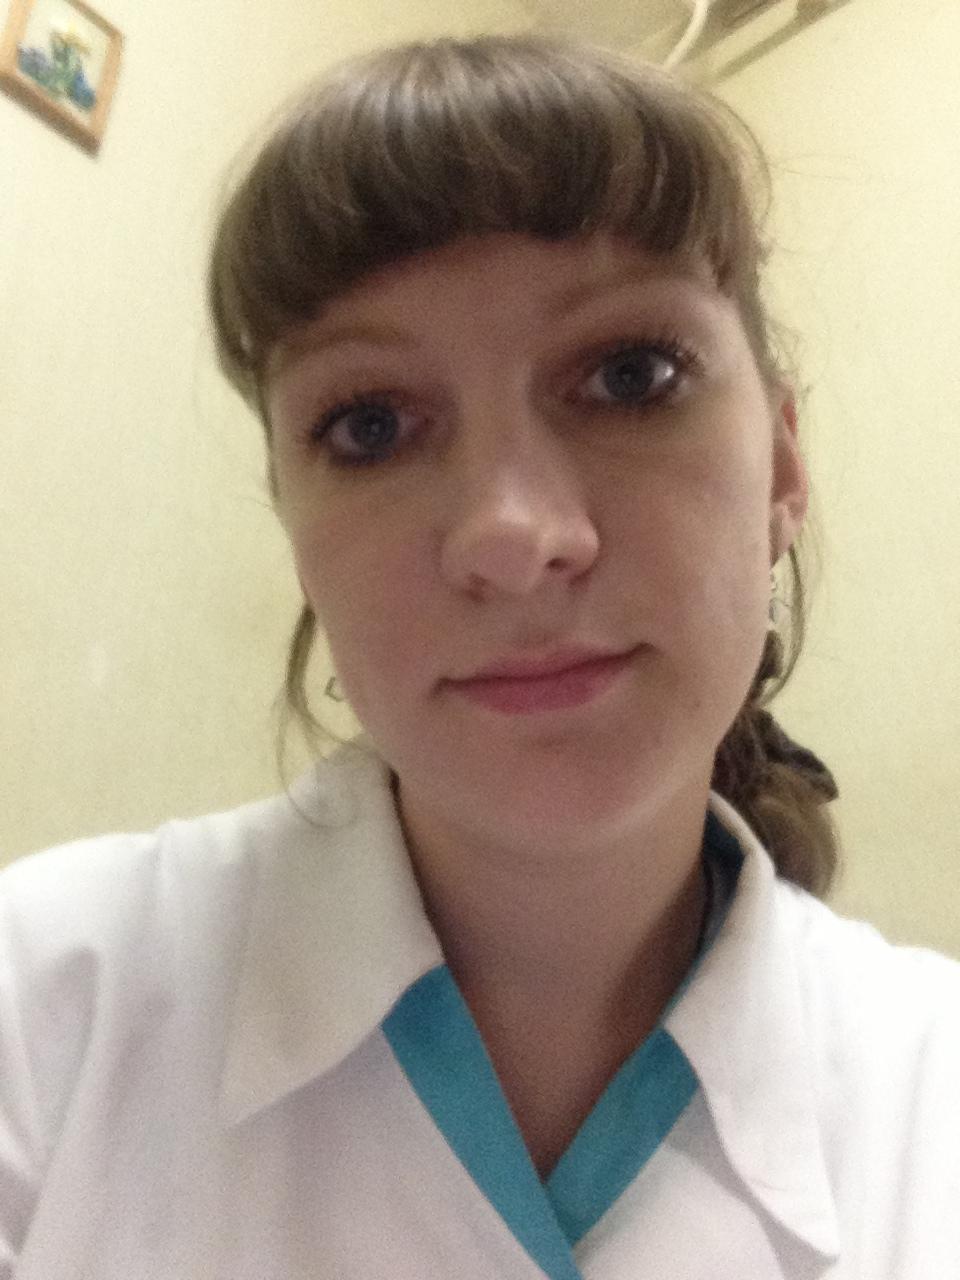 Режим работы врачей поликлиники 1 воткинска